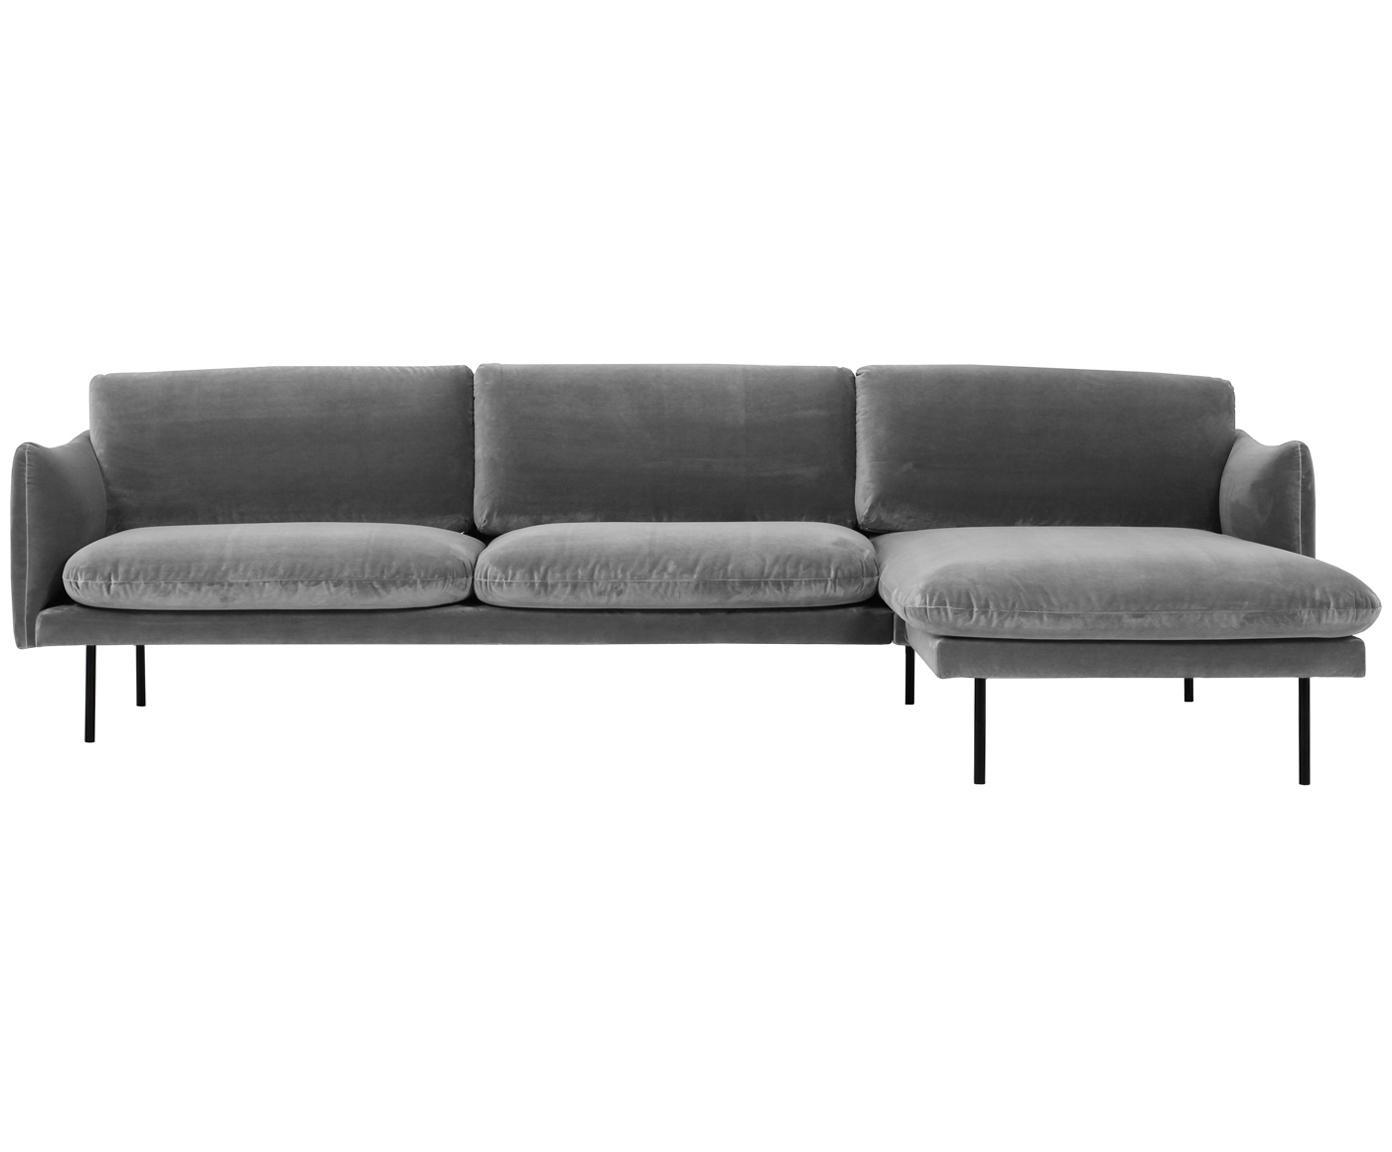 Fluwelen hoekbank Moby, Bekleding: fluweel (hoogwaardige pol, Frame: massief grenenhout, Poten: gepoedercoat metaal, Grijs, B 280 x D 160 cm